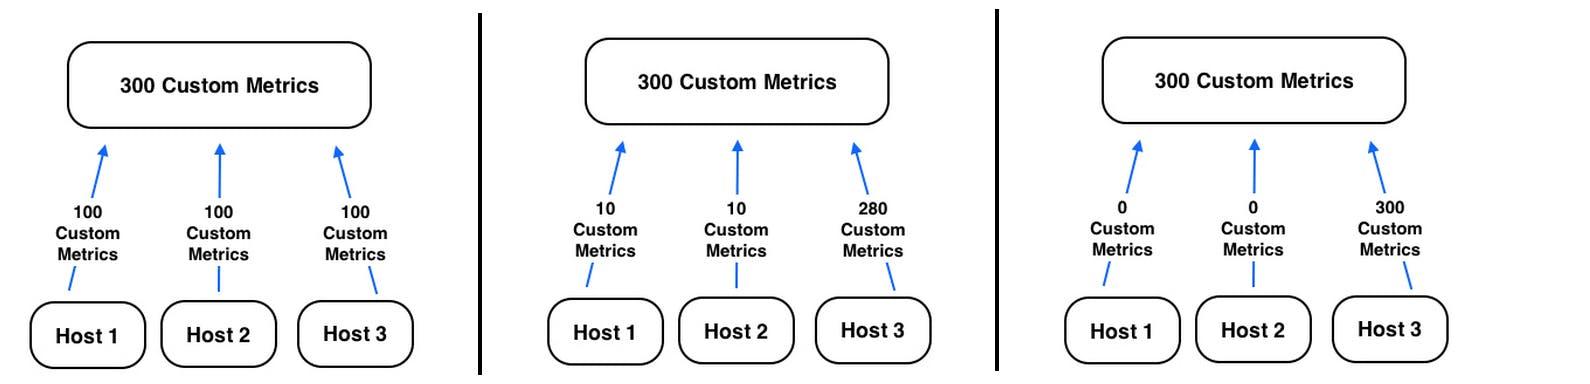 Custom Metrics 300.jpg